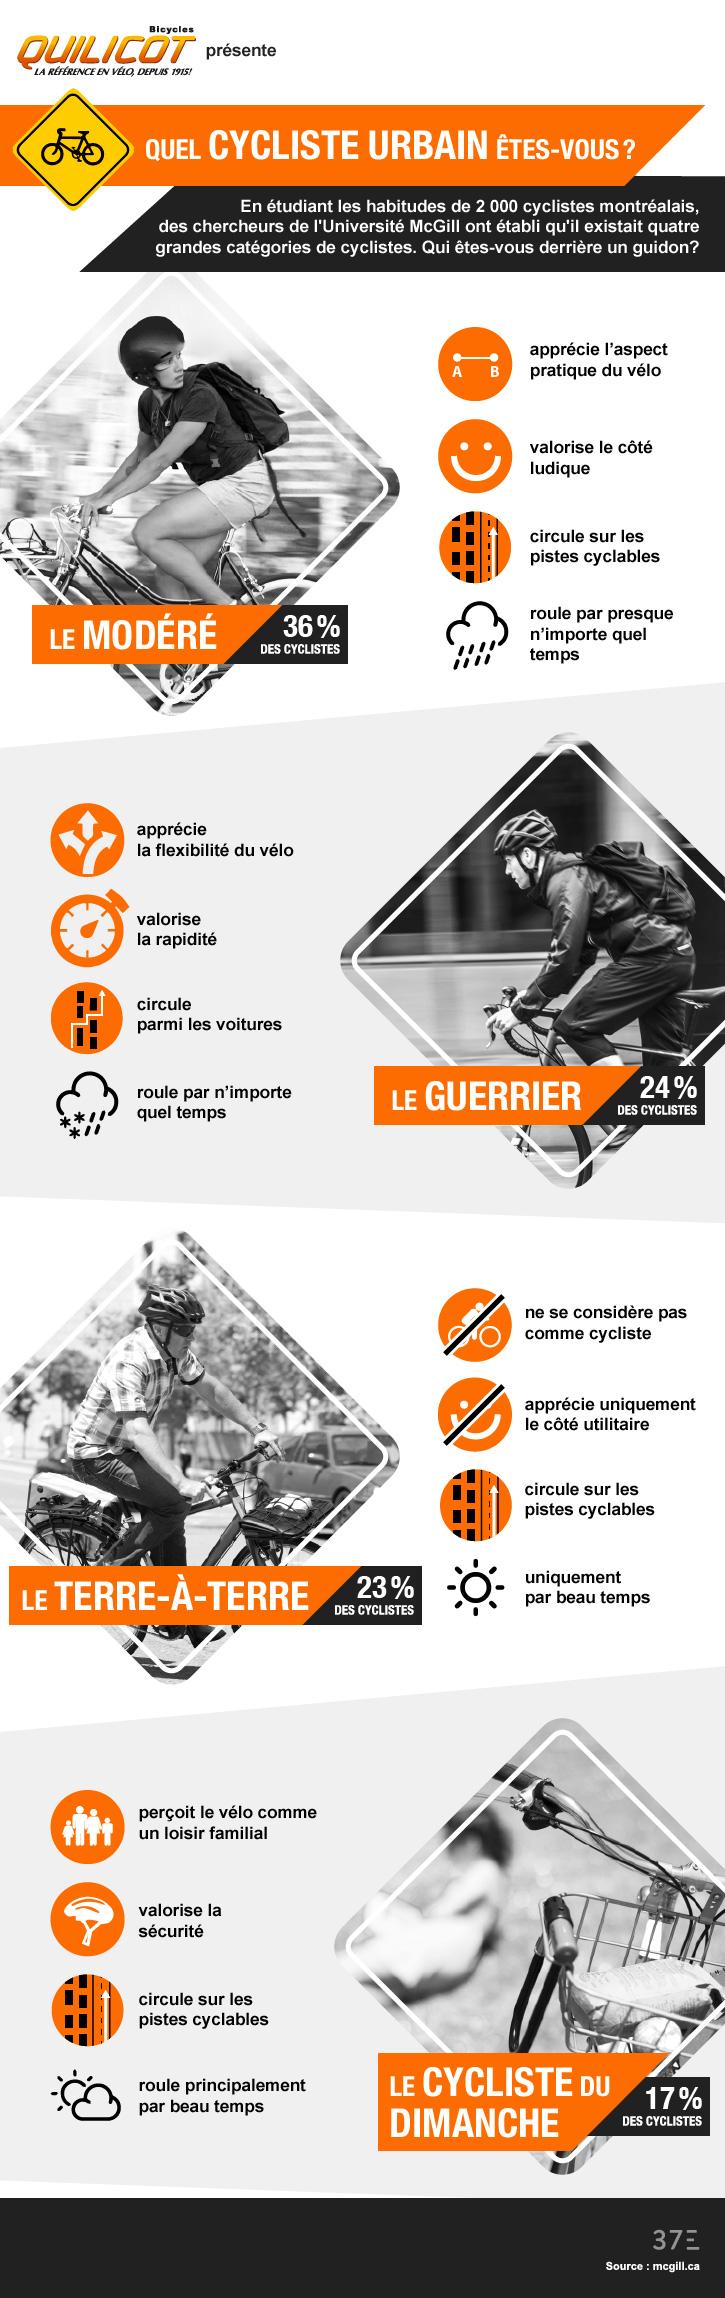 Type de cycliste urbain (infographie)